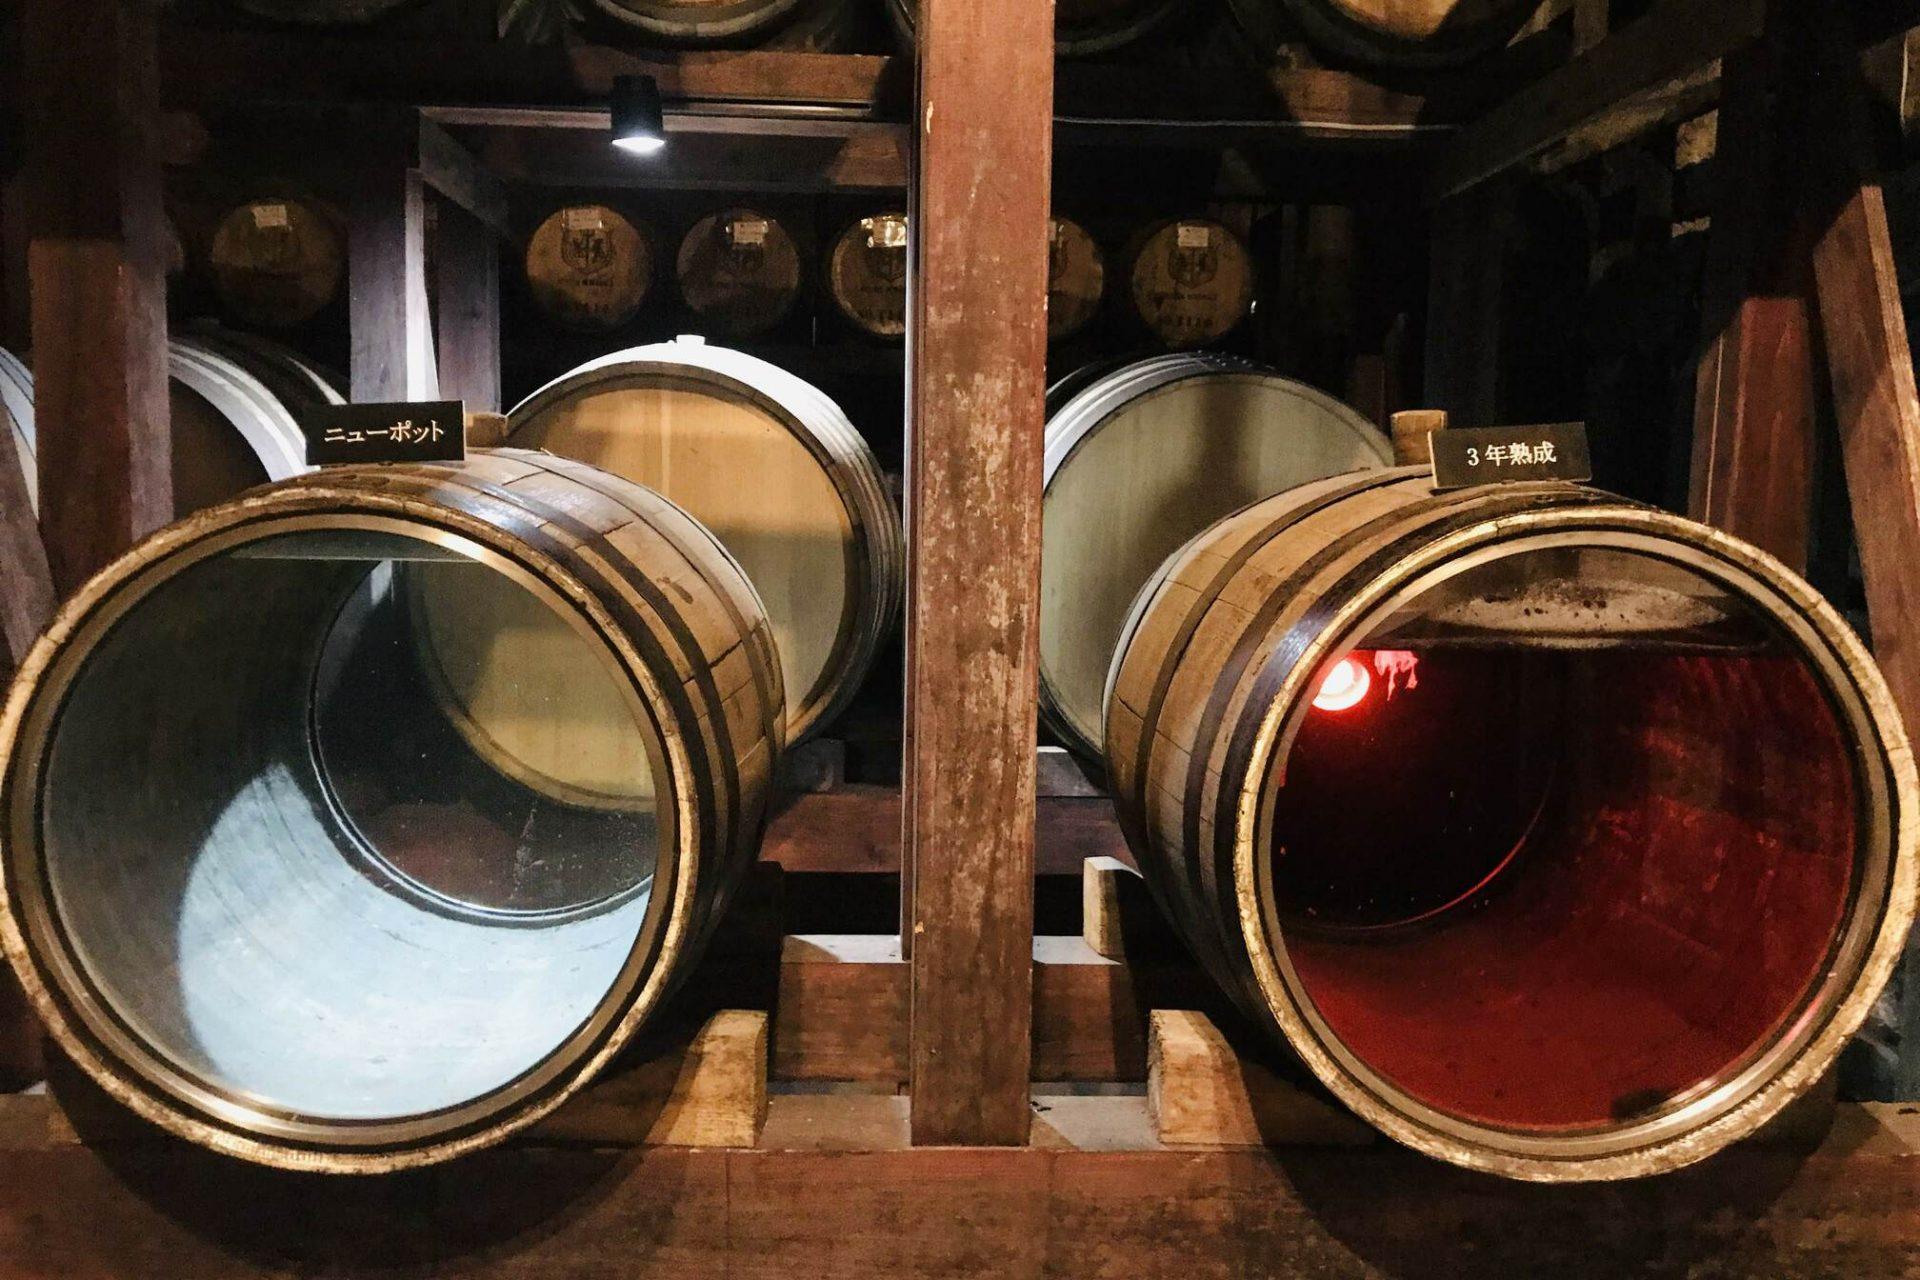 ウイスキー樽 貯蔵庫 ニューポット